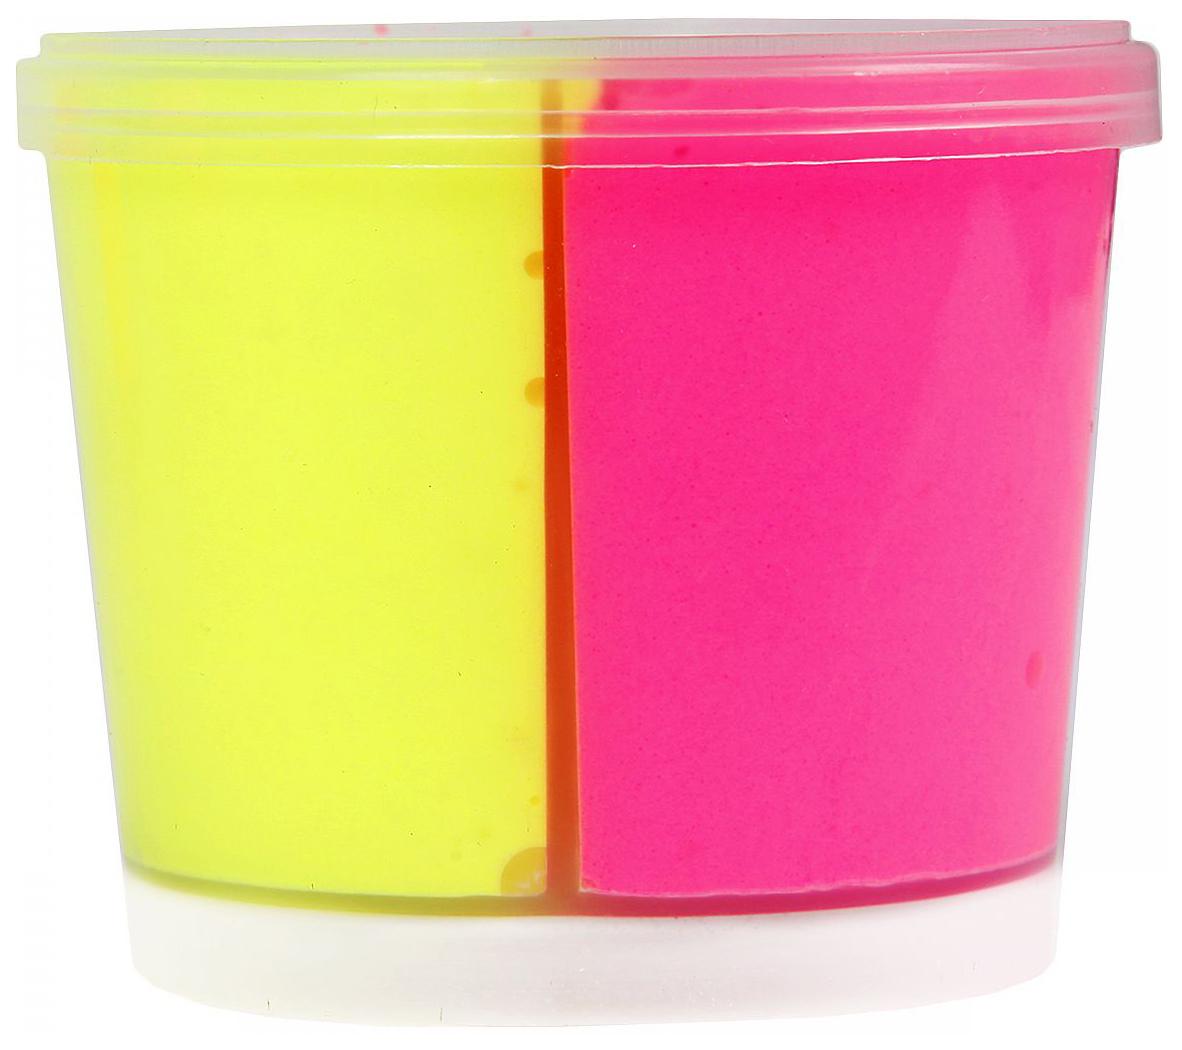 Купить Пластилин Color Puppy Прыгающий 2 цвета 45 г в ассортименте, Лепка